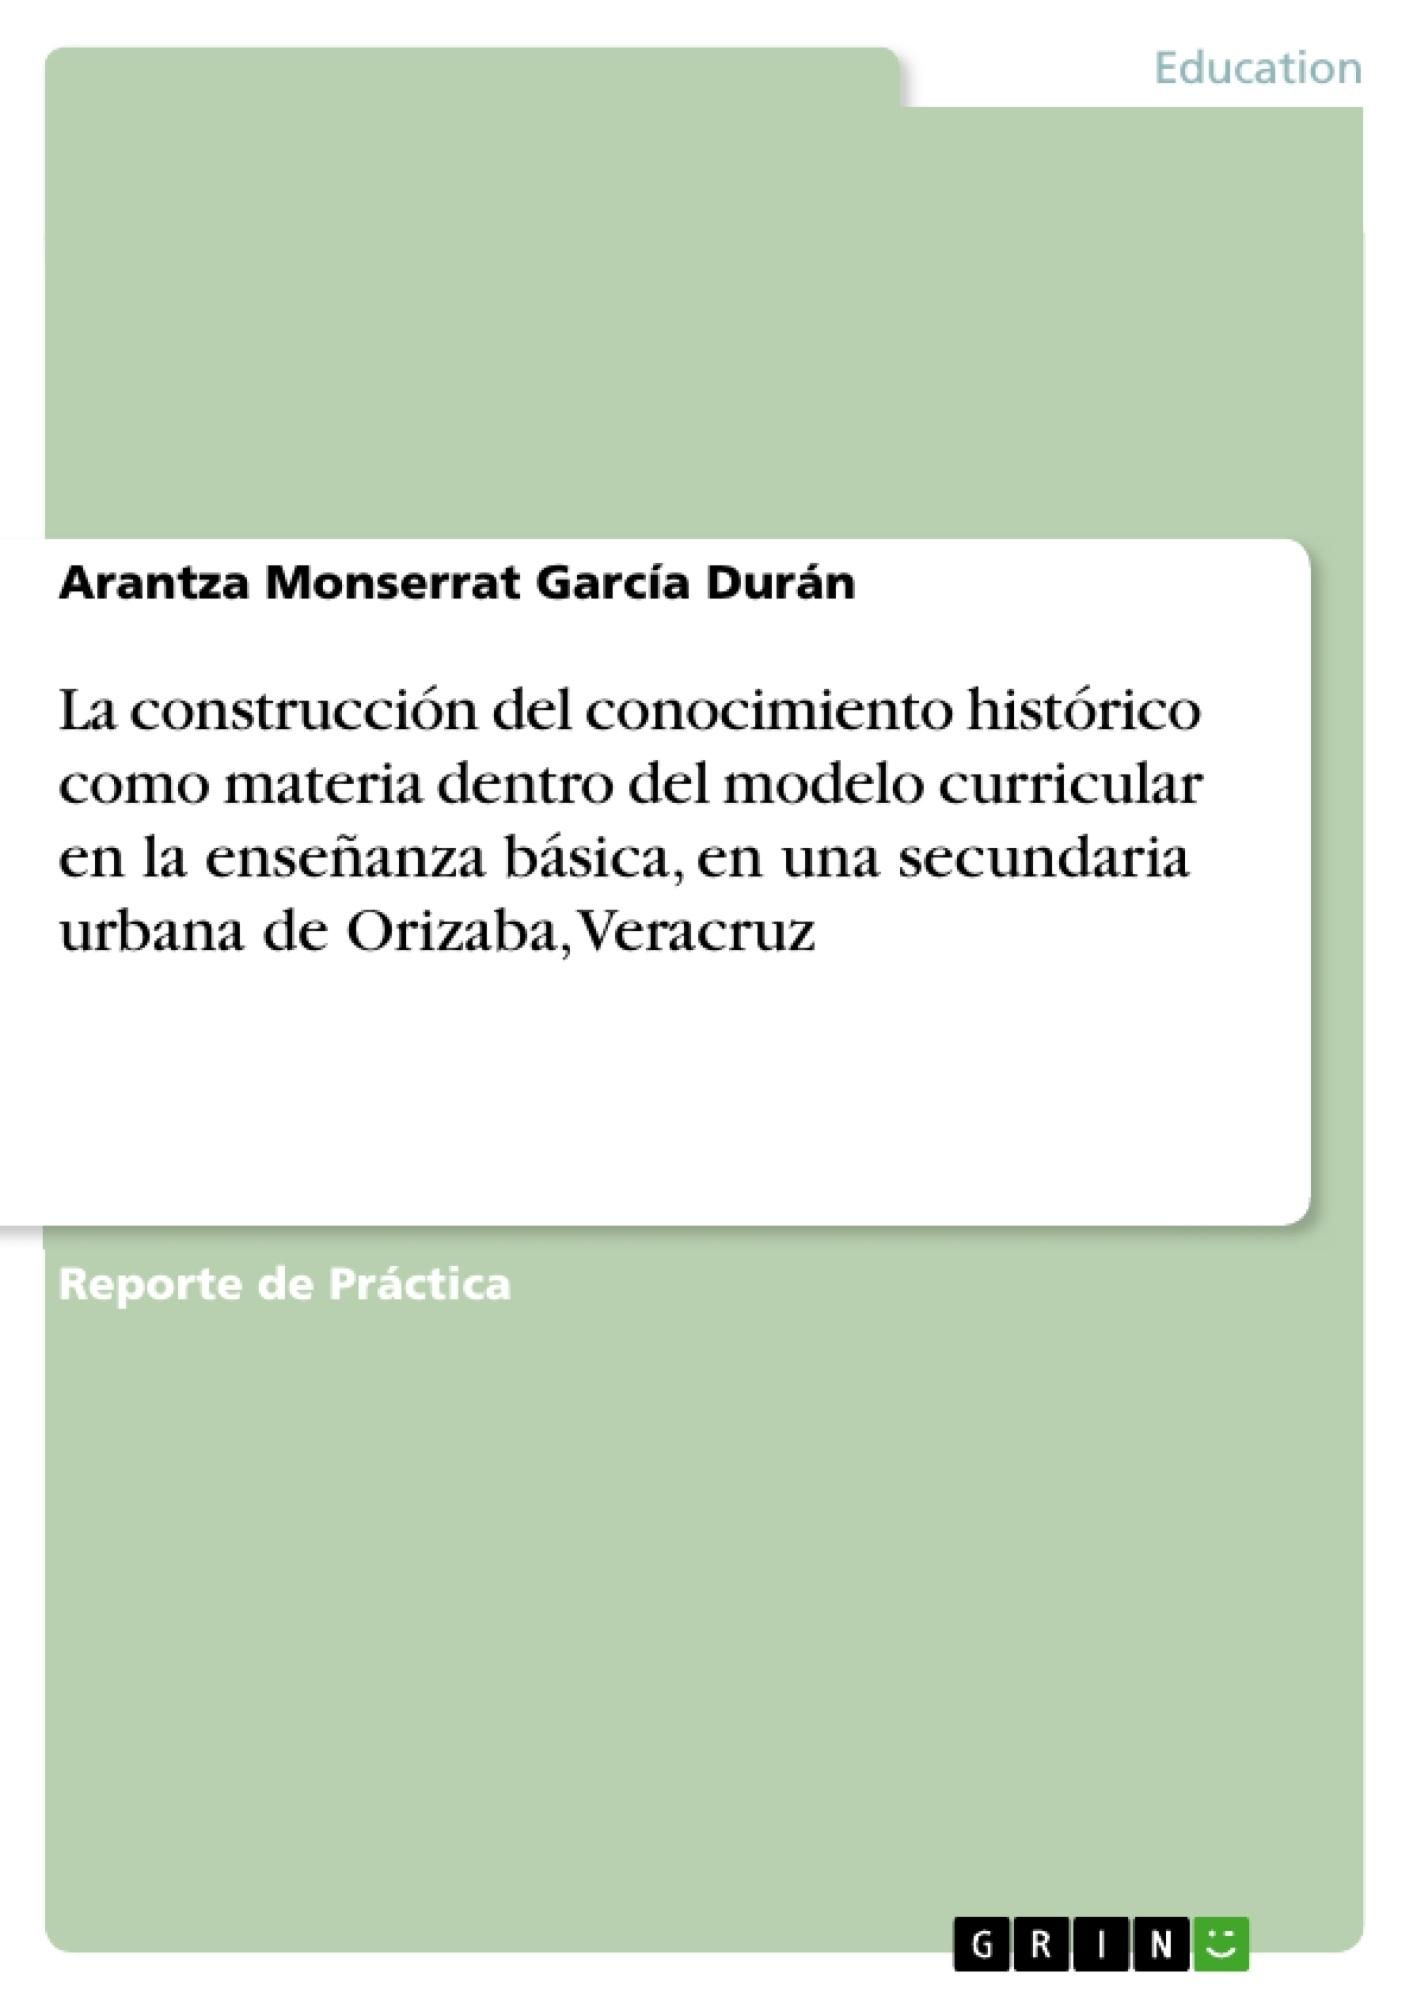 Título: La construcción del conocimiento histórico como materia dentro del modelo curricular en la enseñanza básica, en una secundaria urbana de Orizaba, Veracruz